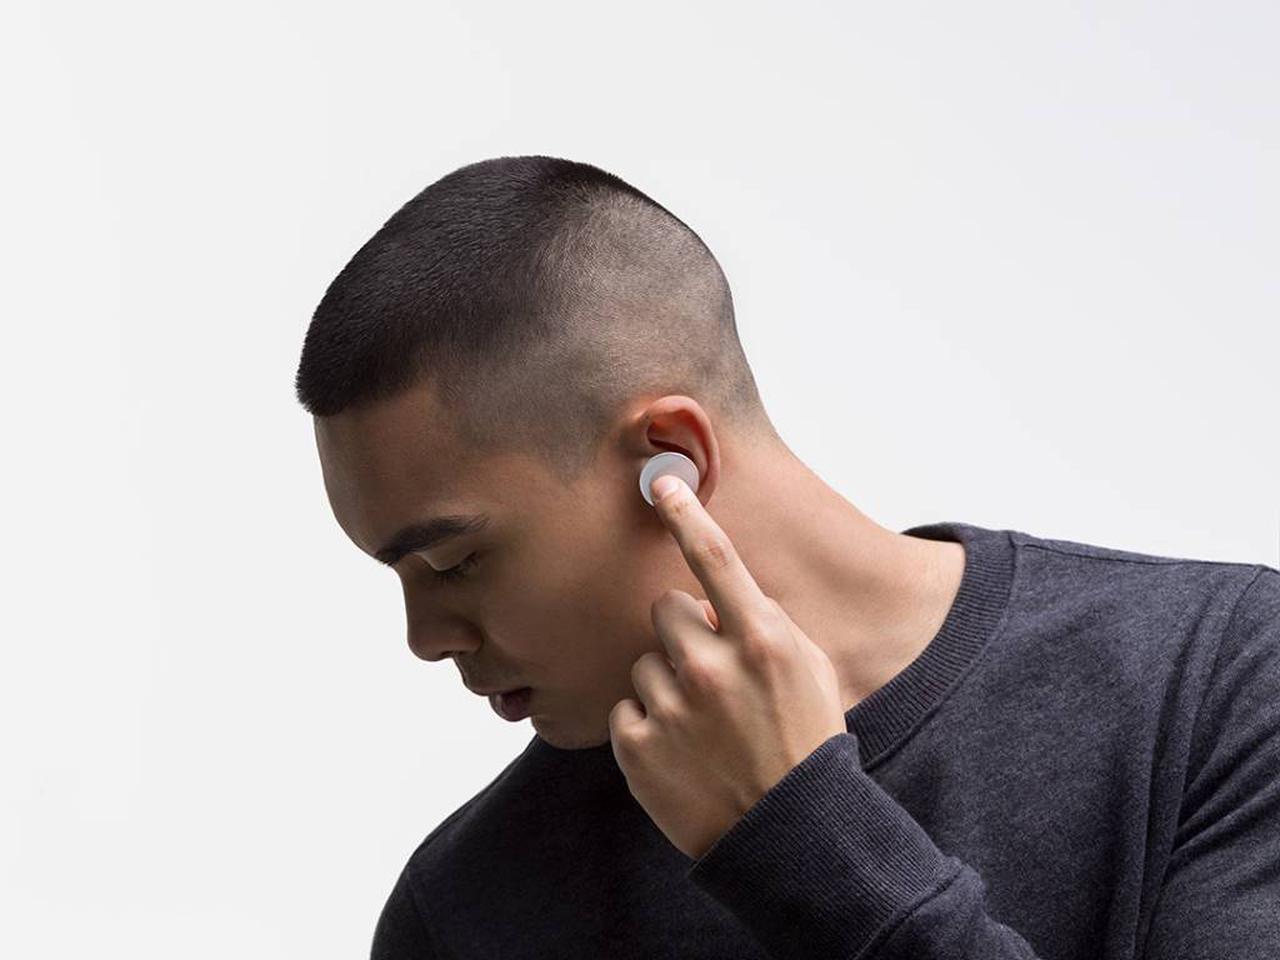 Surface Earbuds wyróżniają się ogromnym jak na słuchawki dotykowym panelem